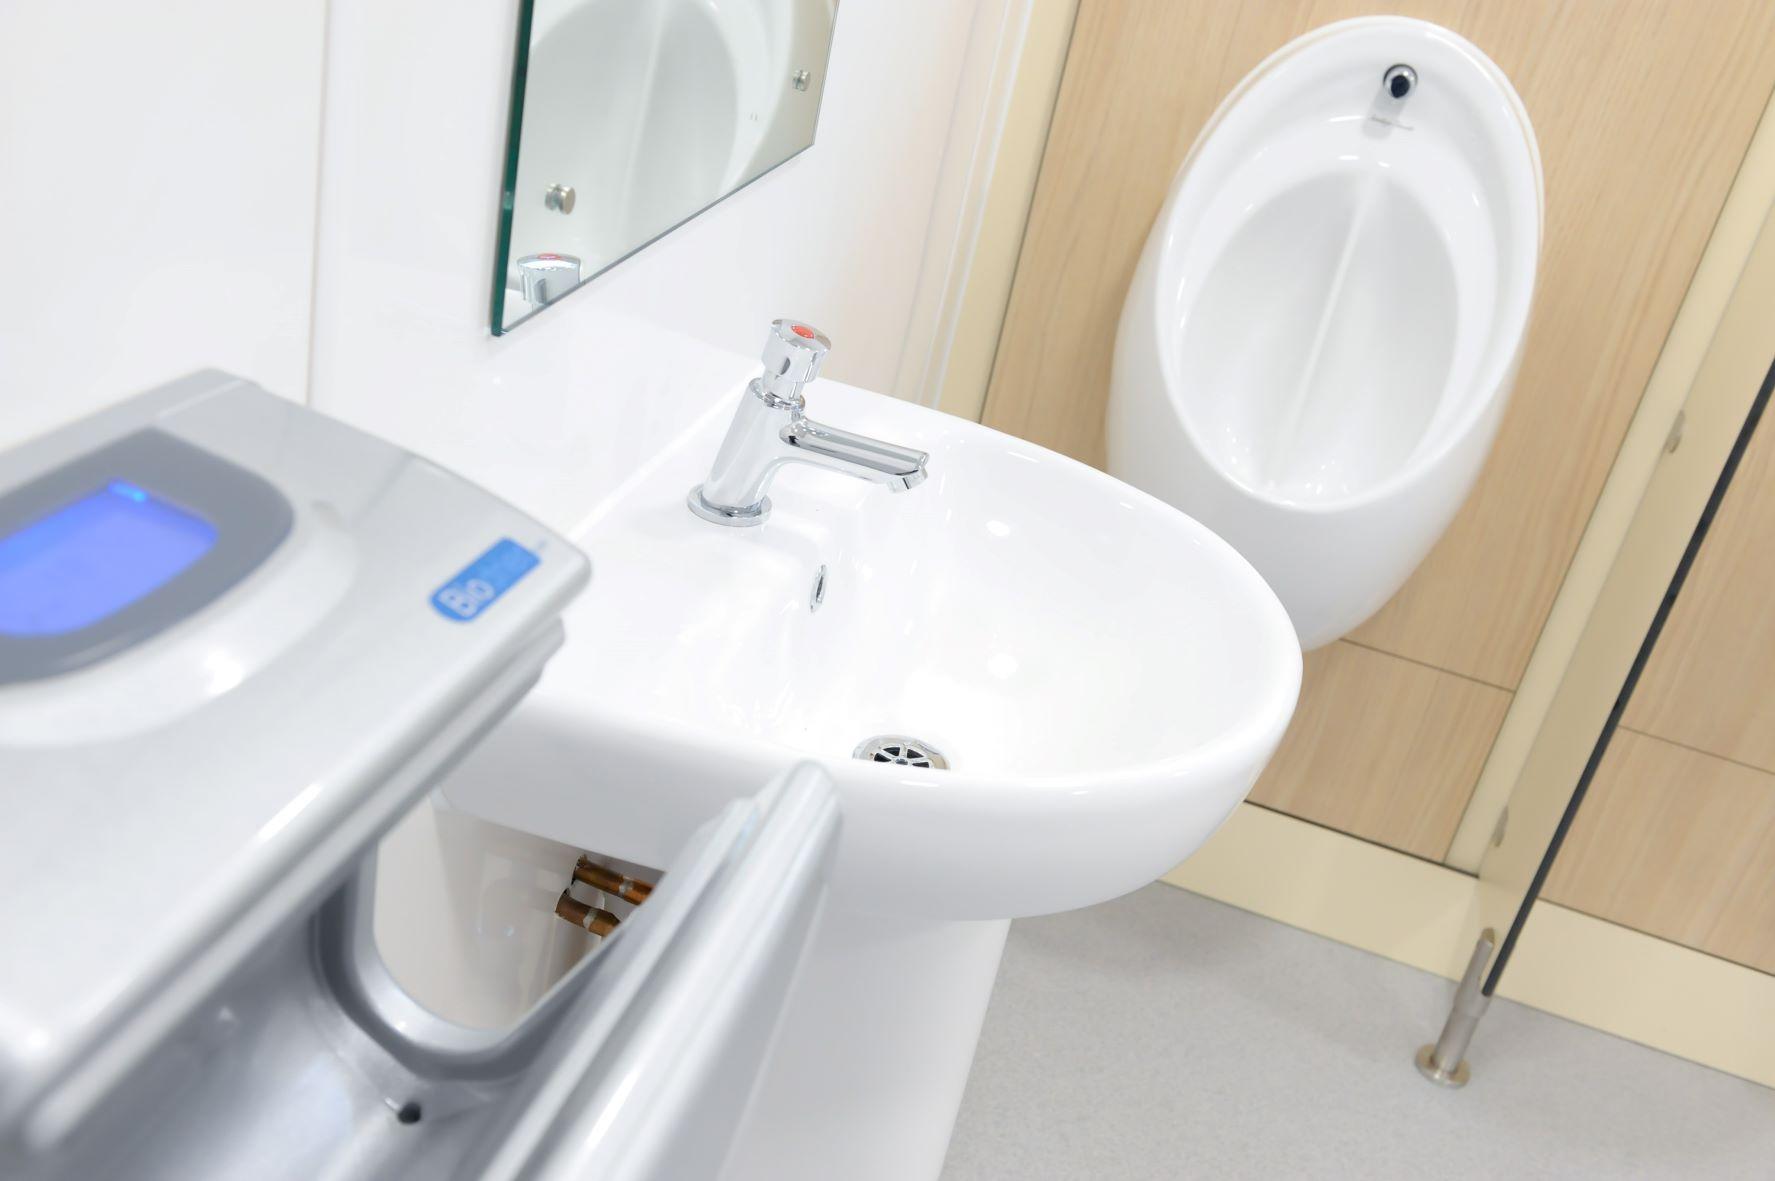 Commercial Washroom Sink